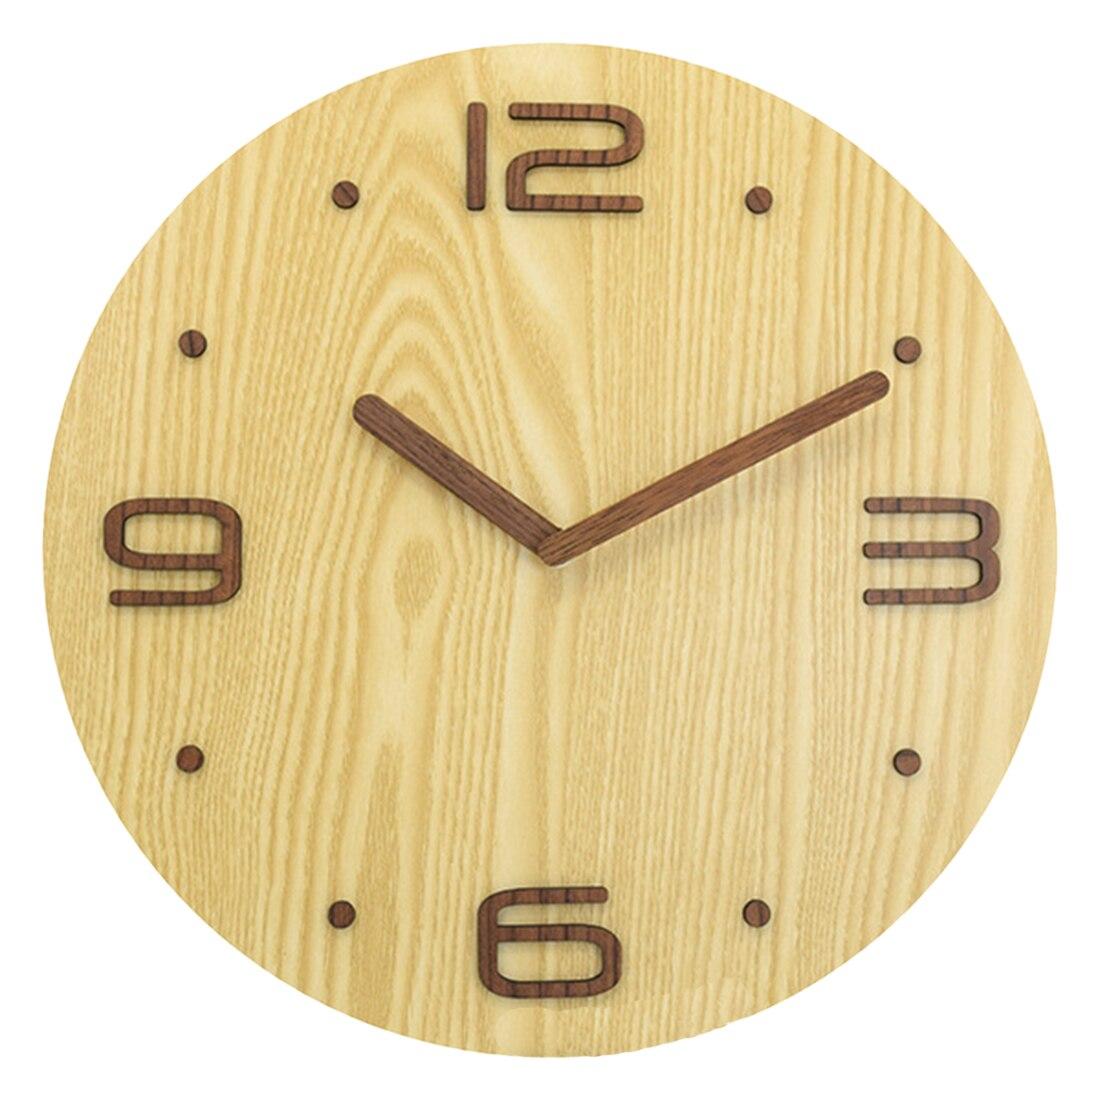 30*30Cm 3D Soild Wooden Brief Wall Clock Modern Silent Clocks Figure Silent Wall Clocks Livingroom Home Decor Quartz Timer